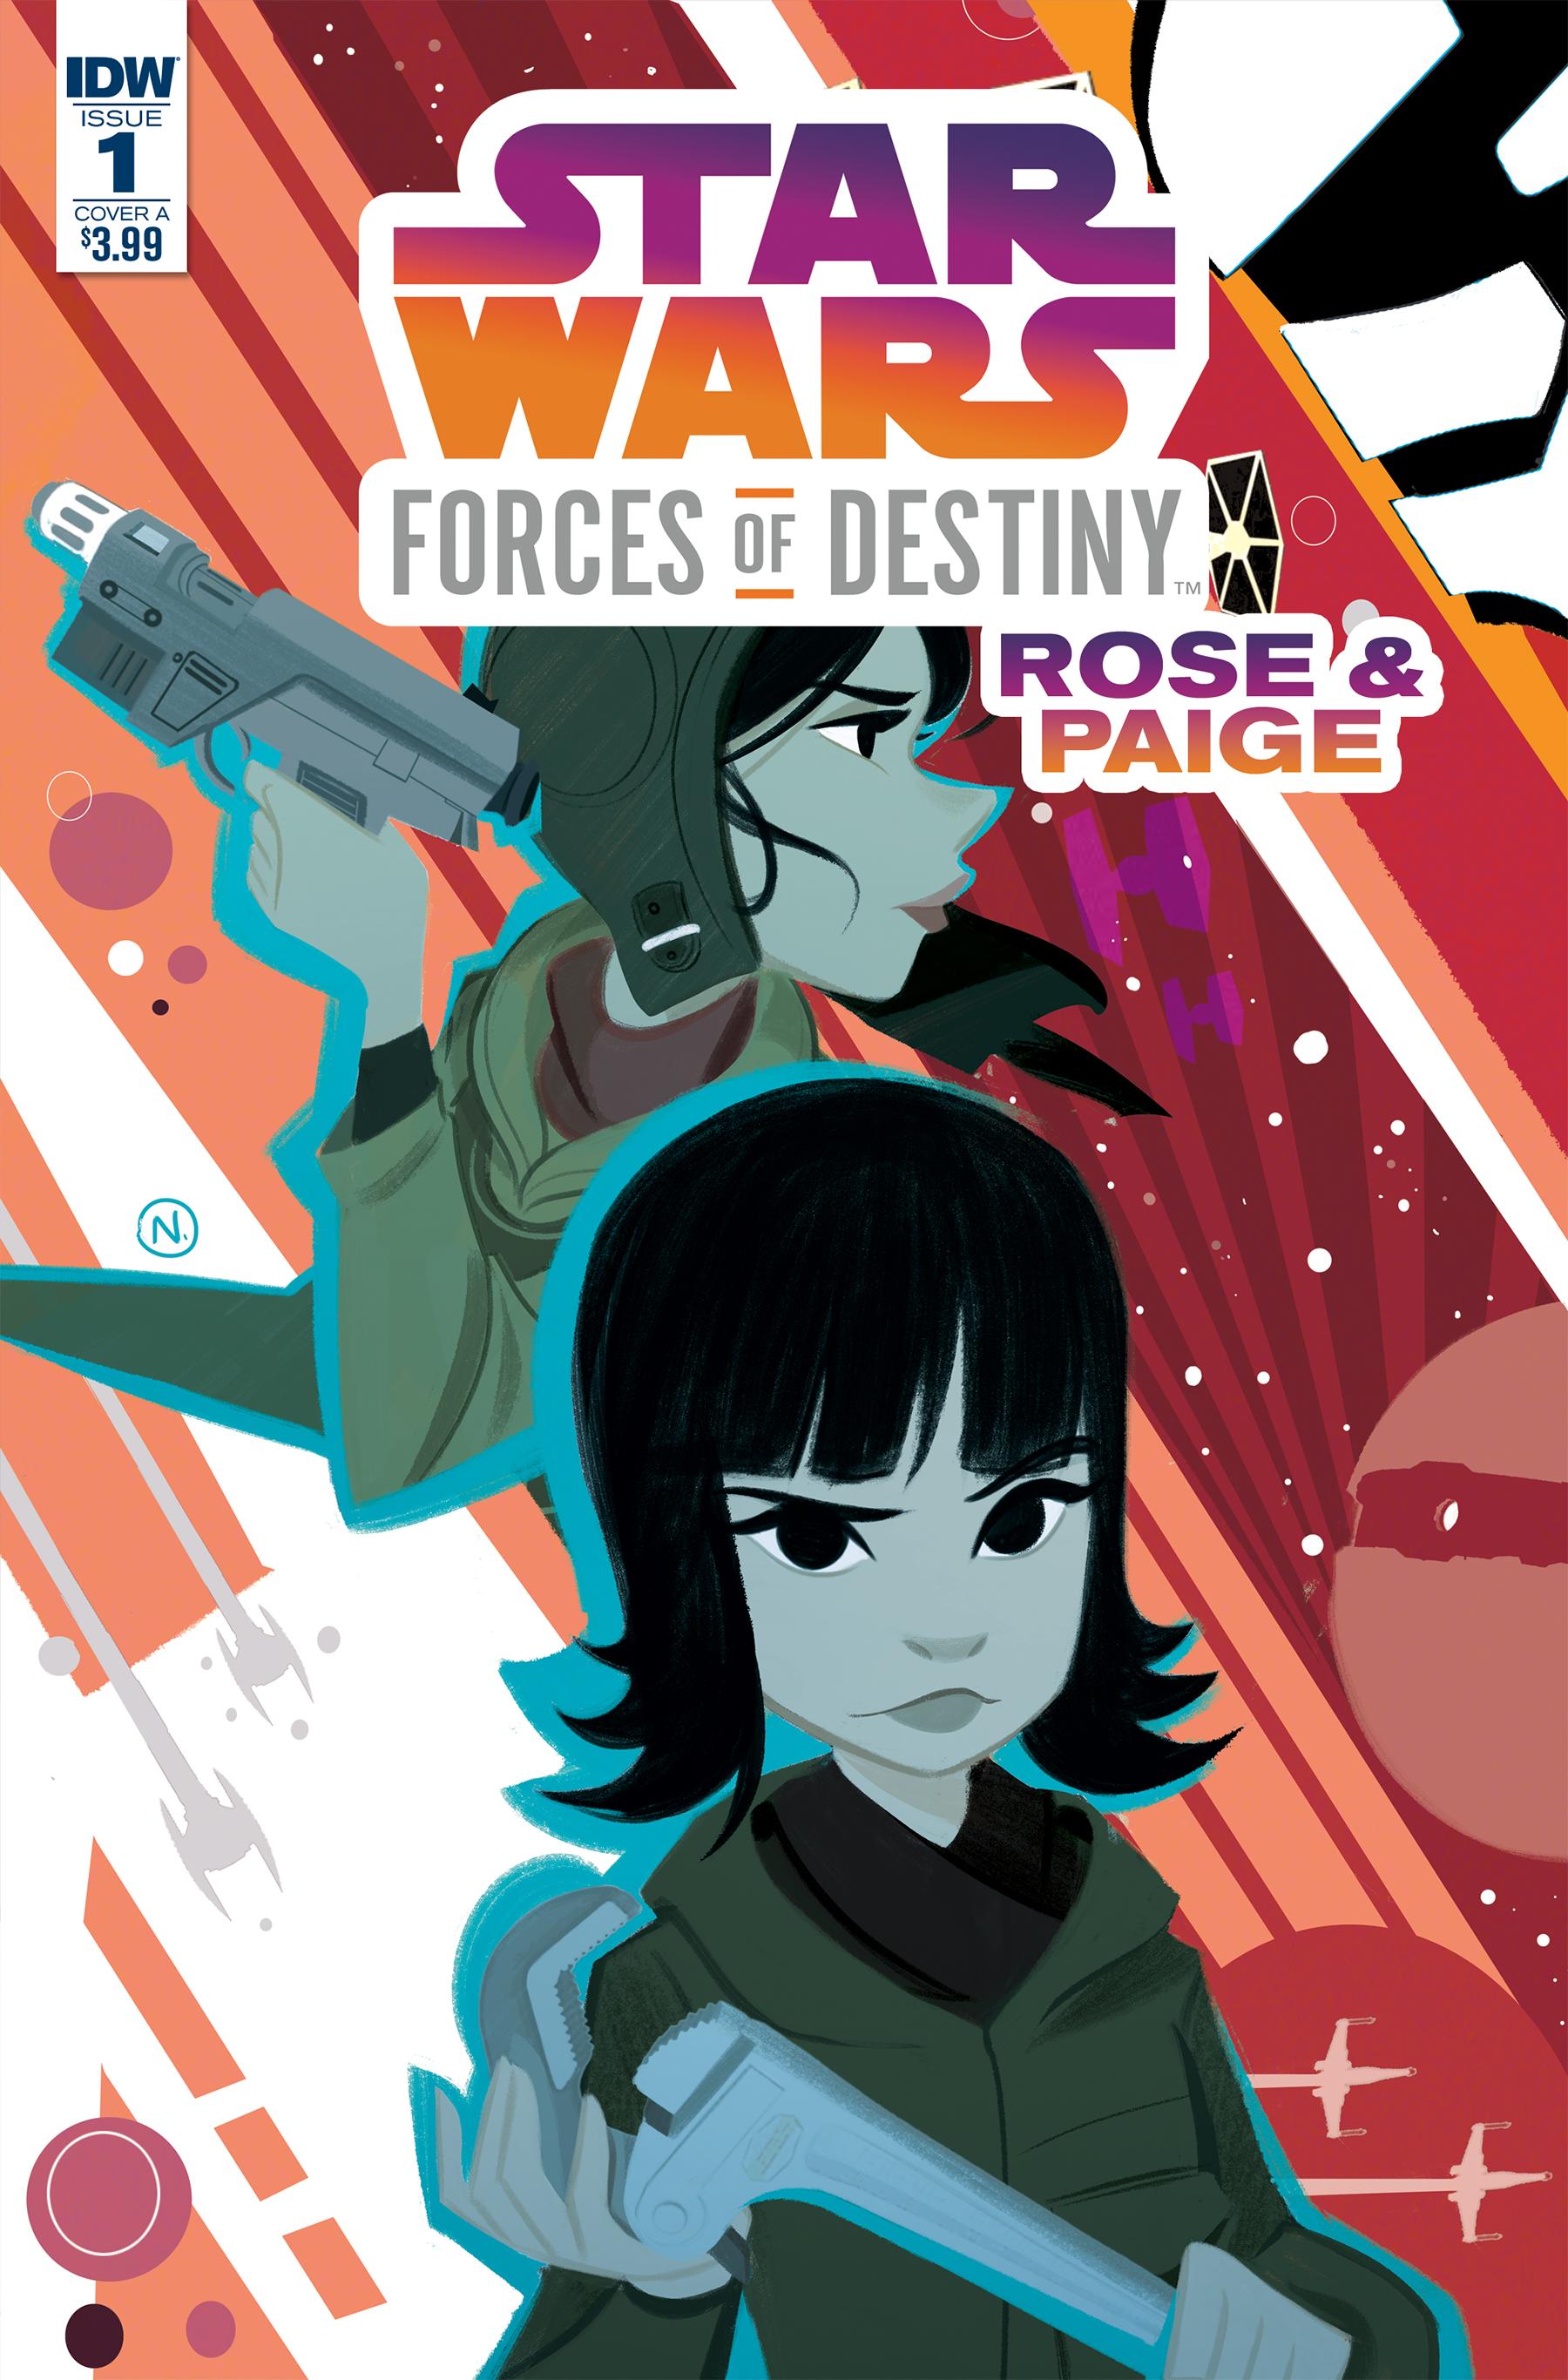 Звёздные войны. Приключения: Силы судьбы. Роуз и Пейдж